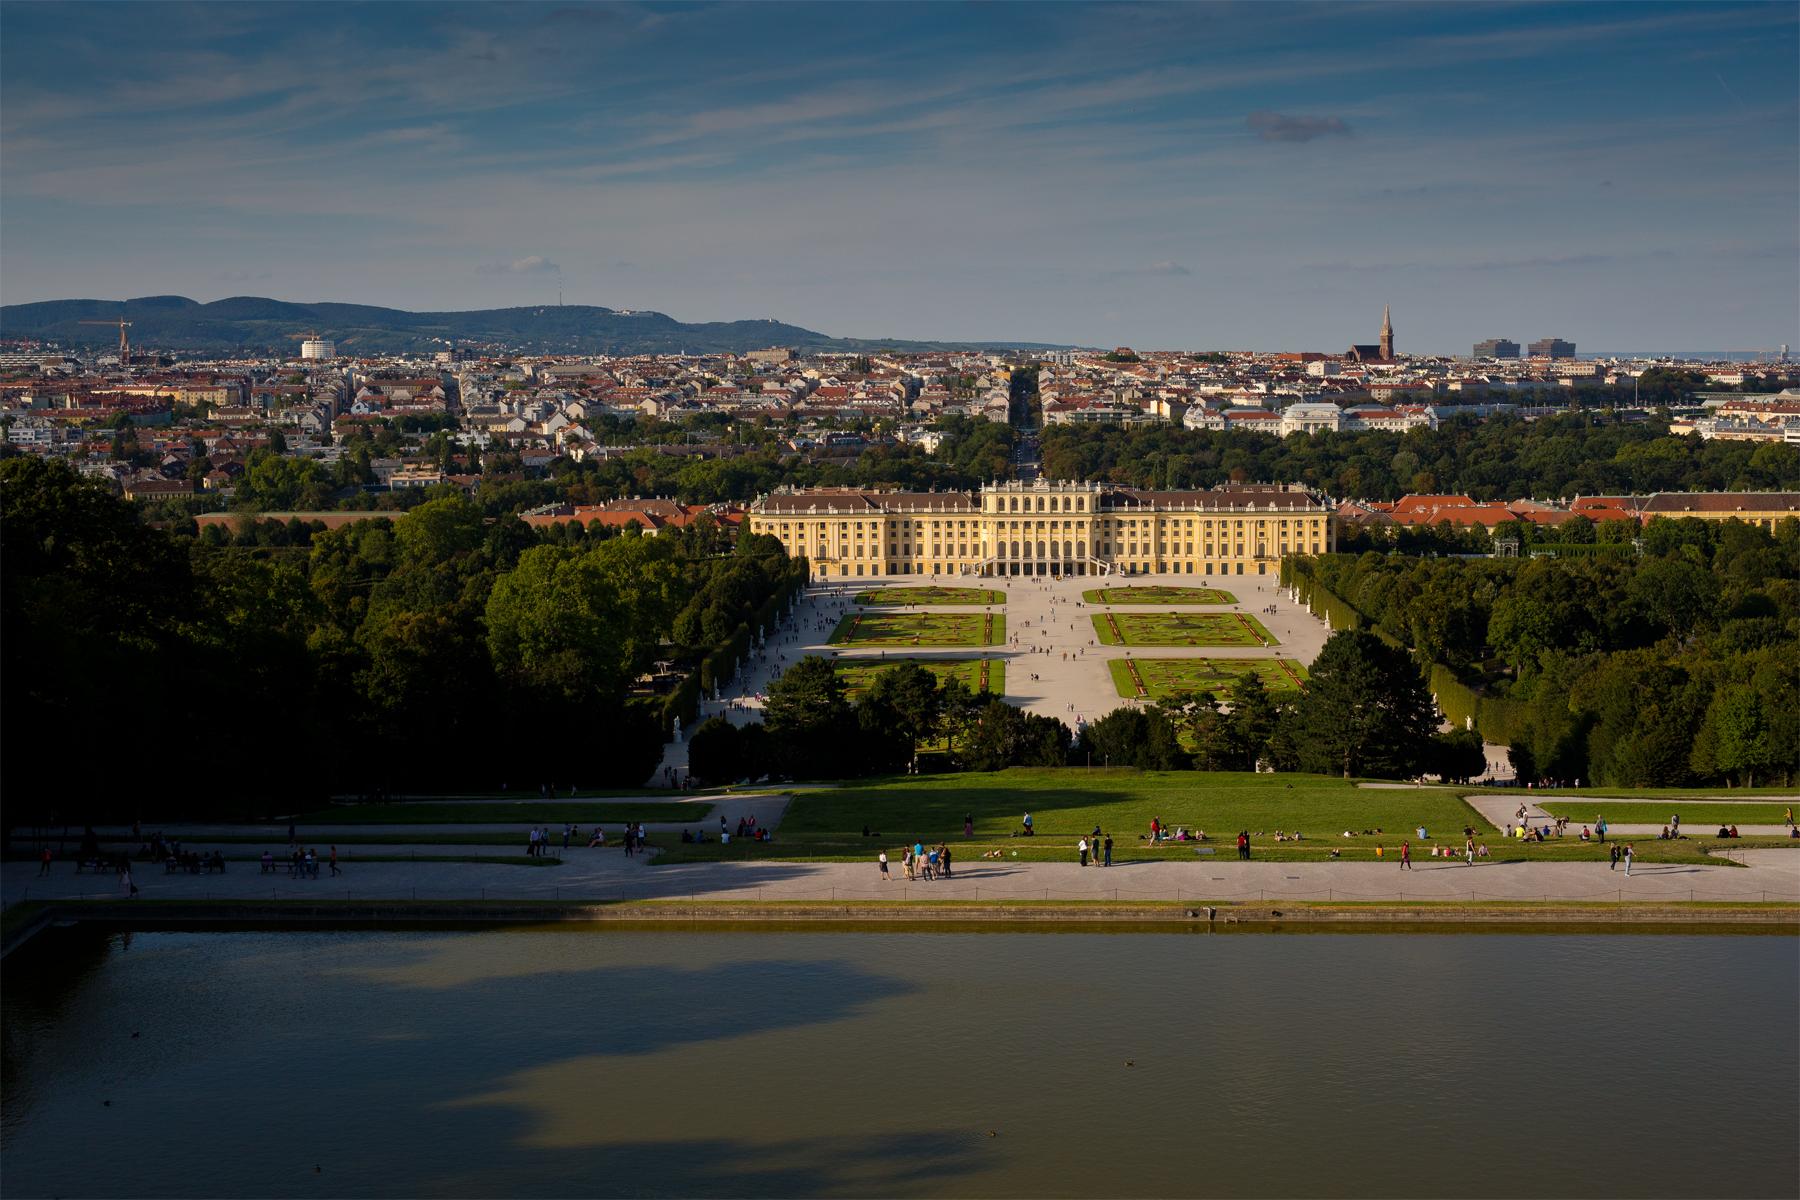 Wiener Schönbrunn